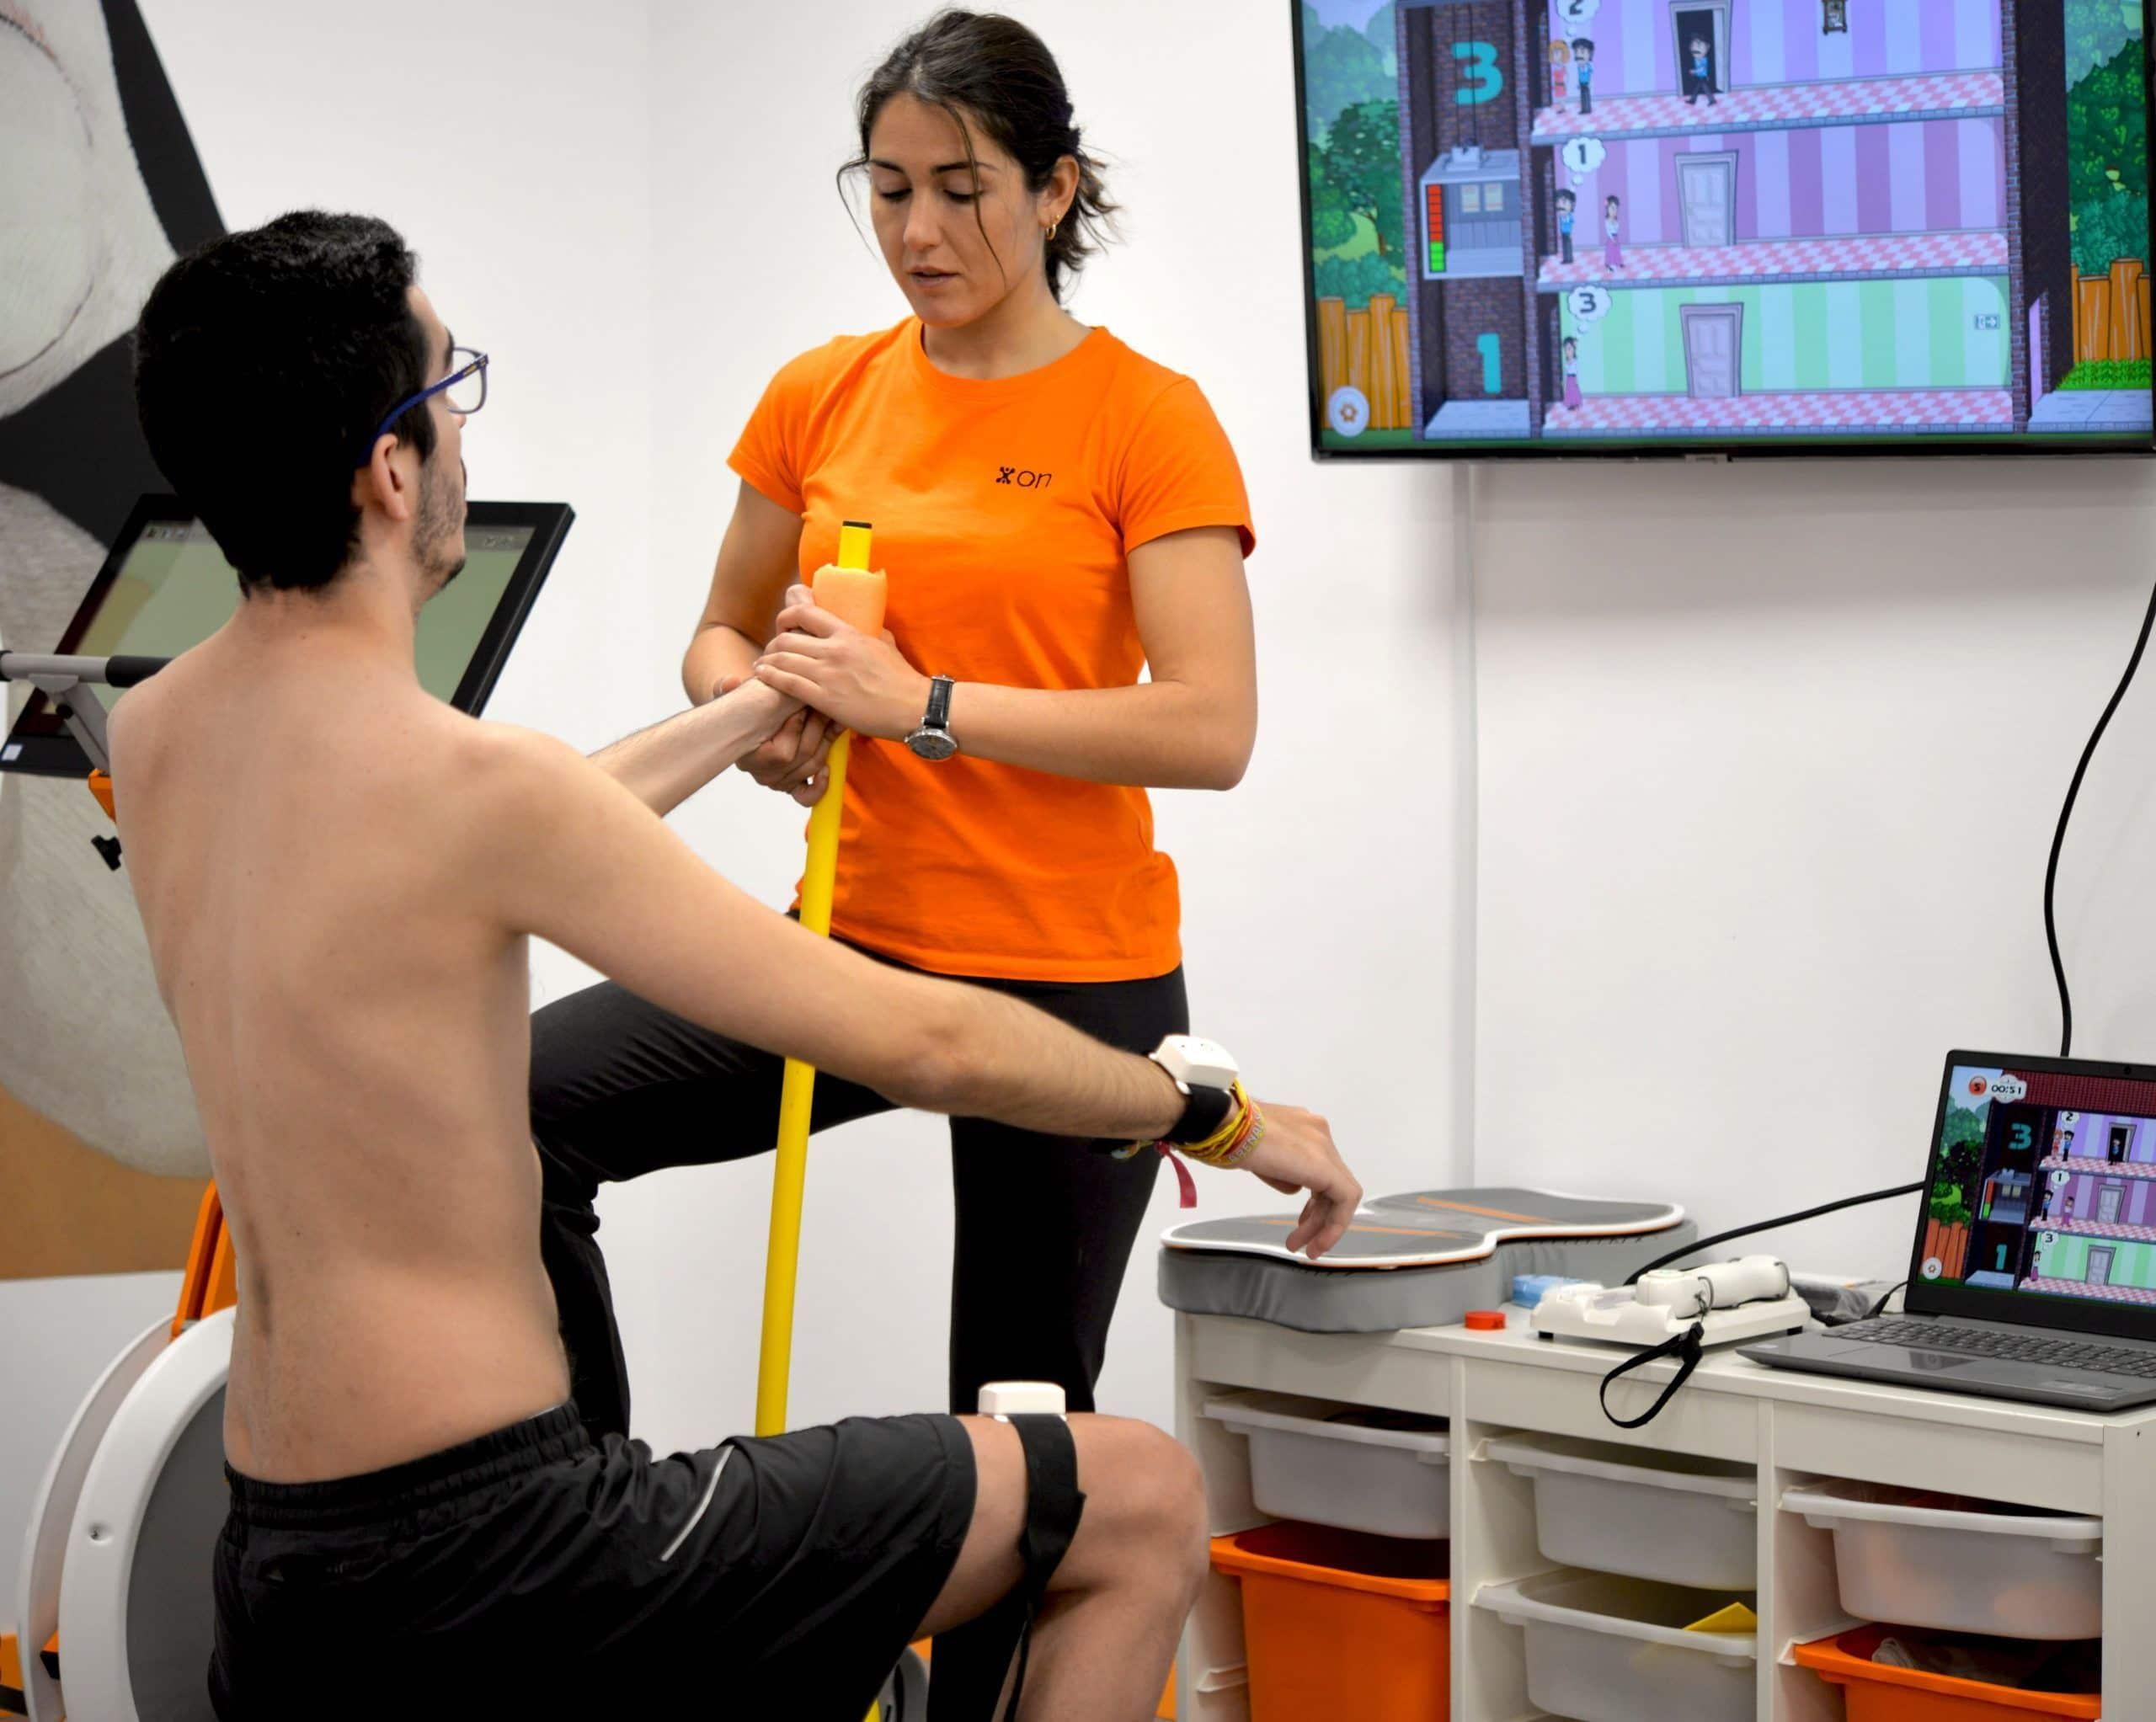 La ultima tecnología al servicio de las personas con alguna discapacidad